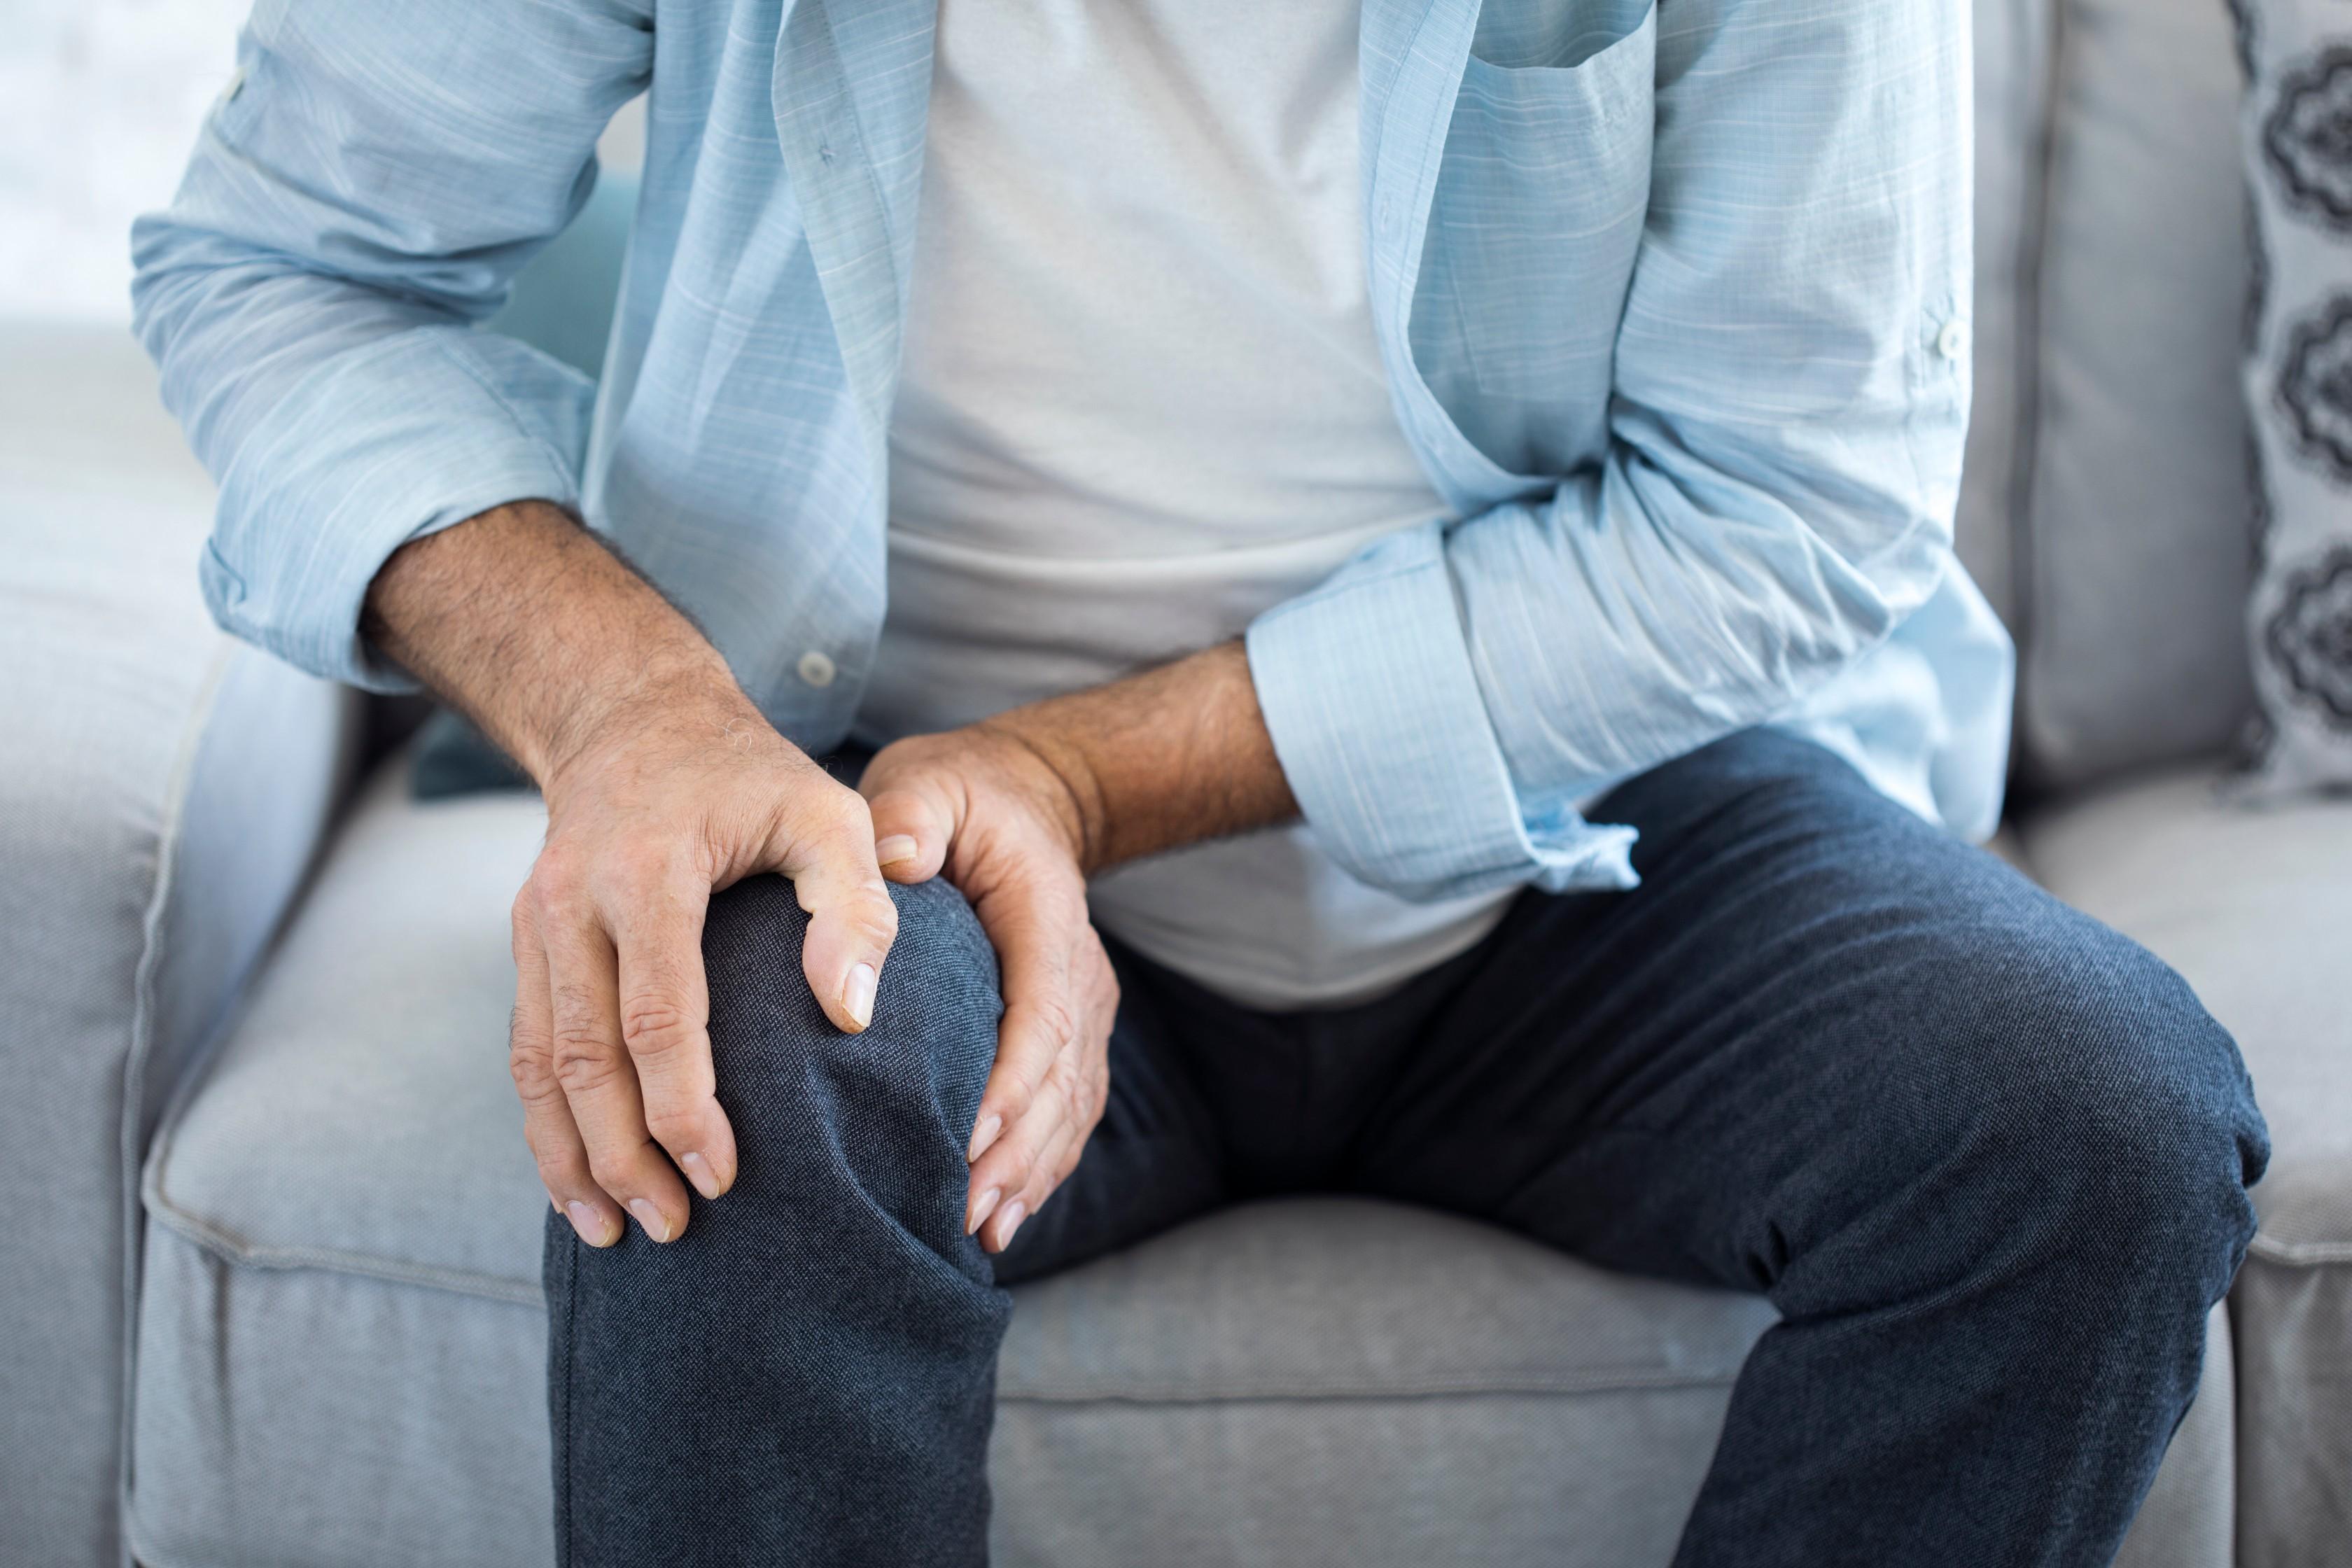 Hőmérséklet és testfájdalom - okok, tünetek, kezelés